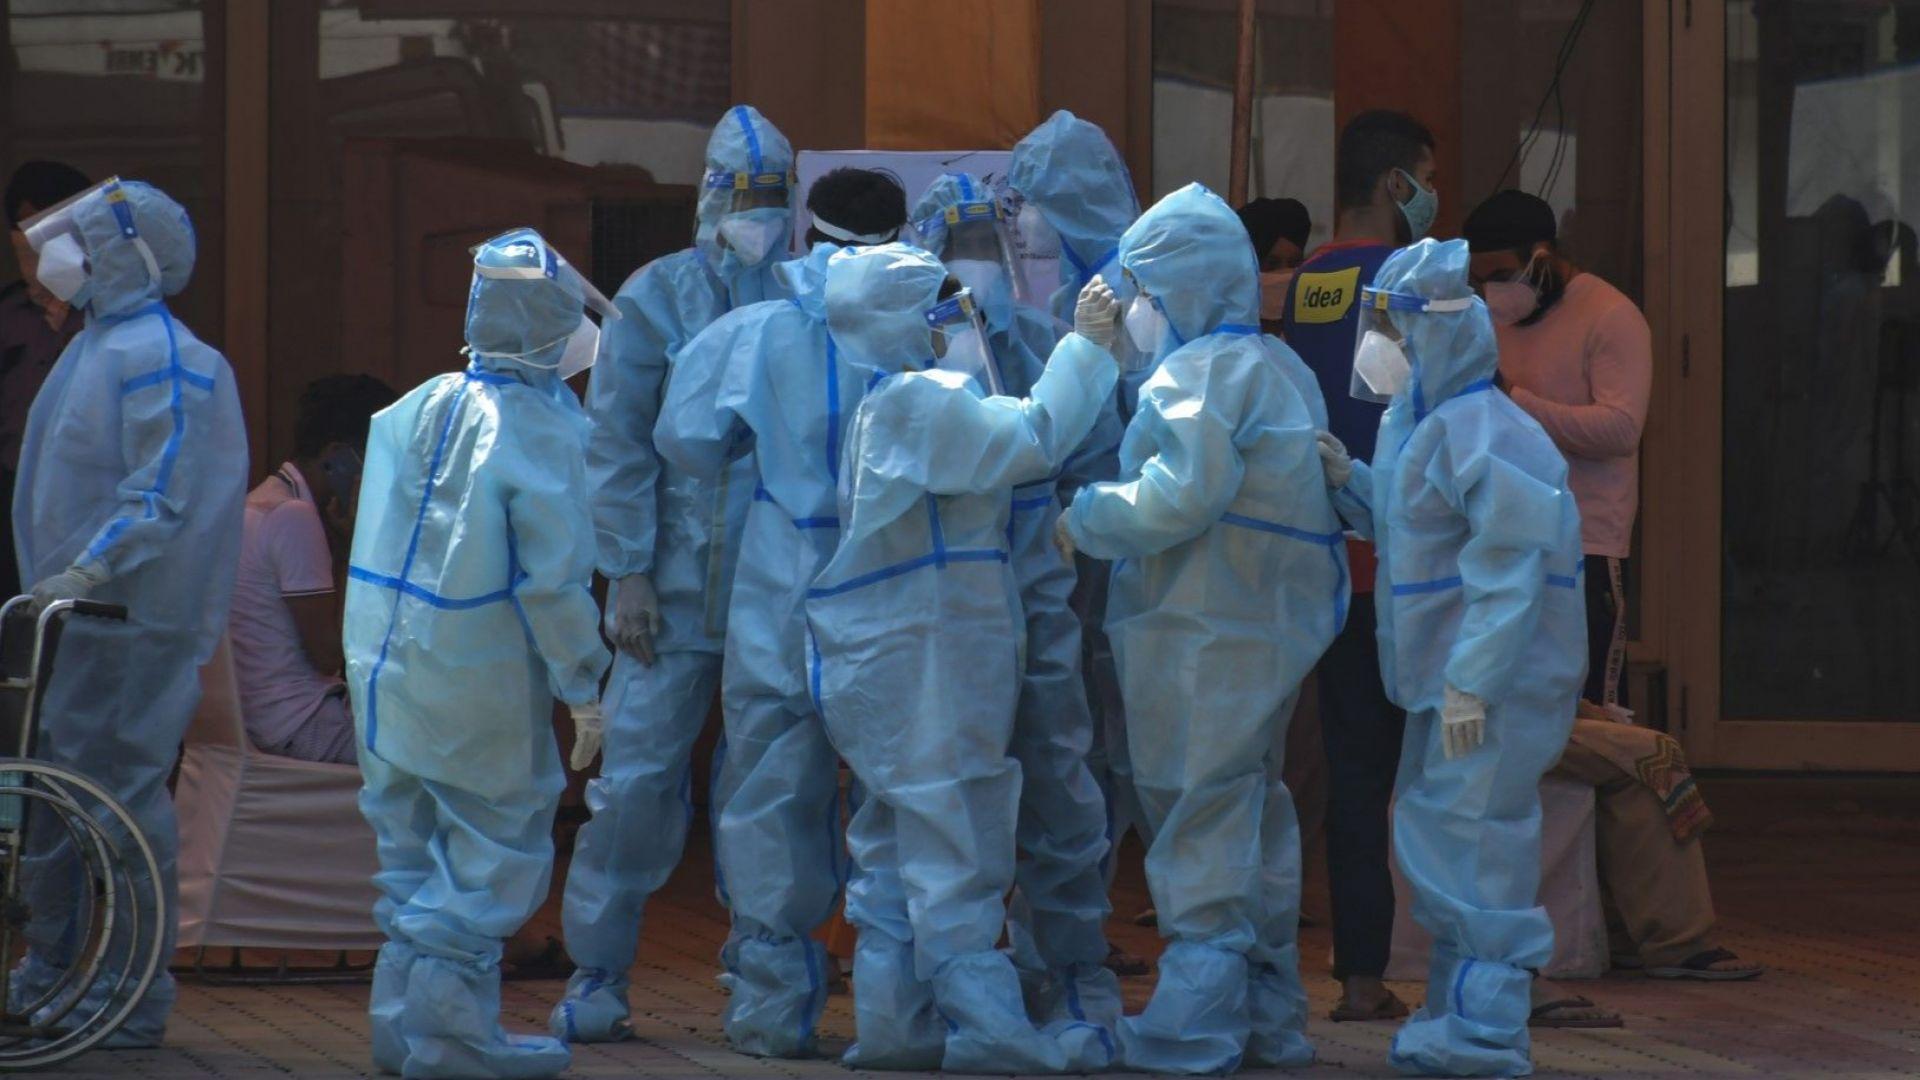 Нова информация за болни учени от Ухан дълбае в пандемичния произход